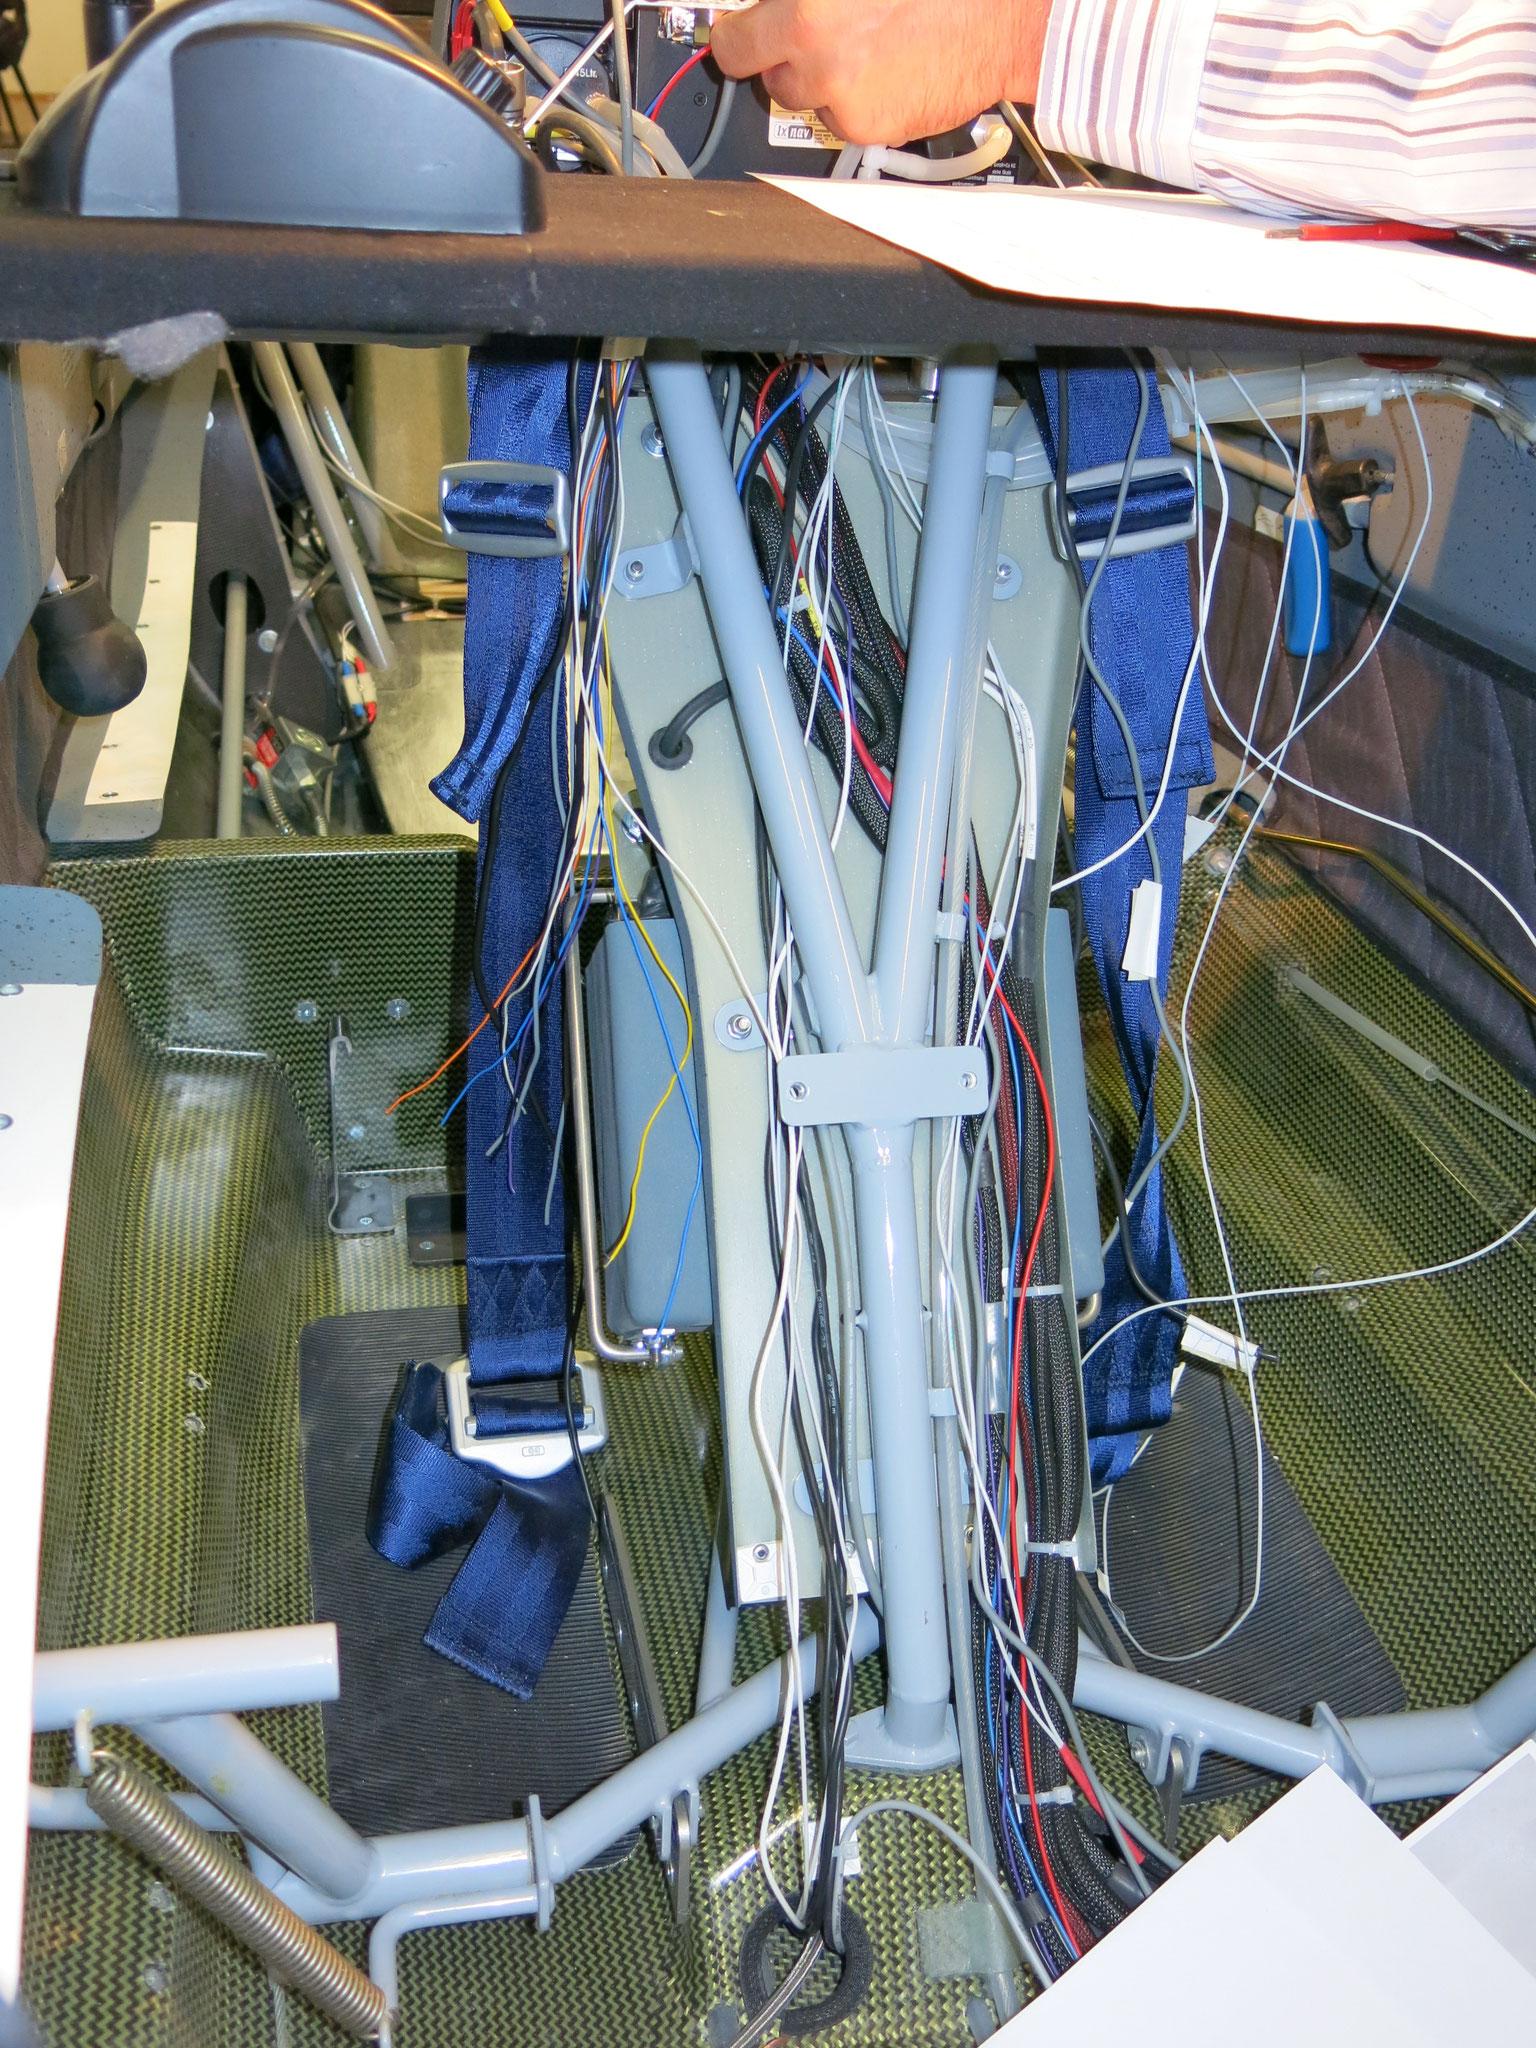 viele zusätzliche elektrische Leitungen ...